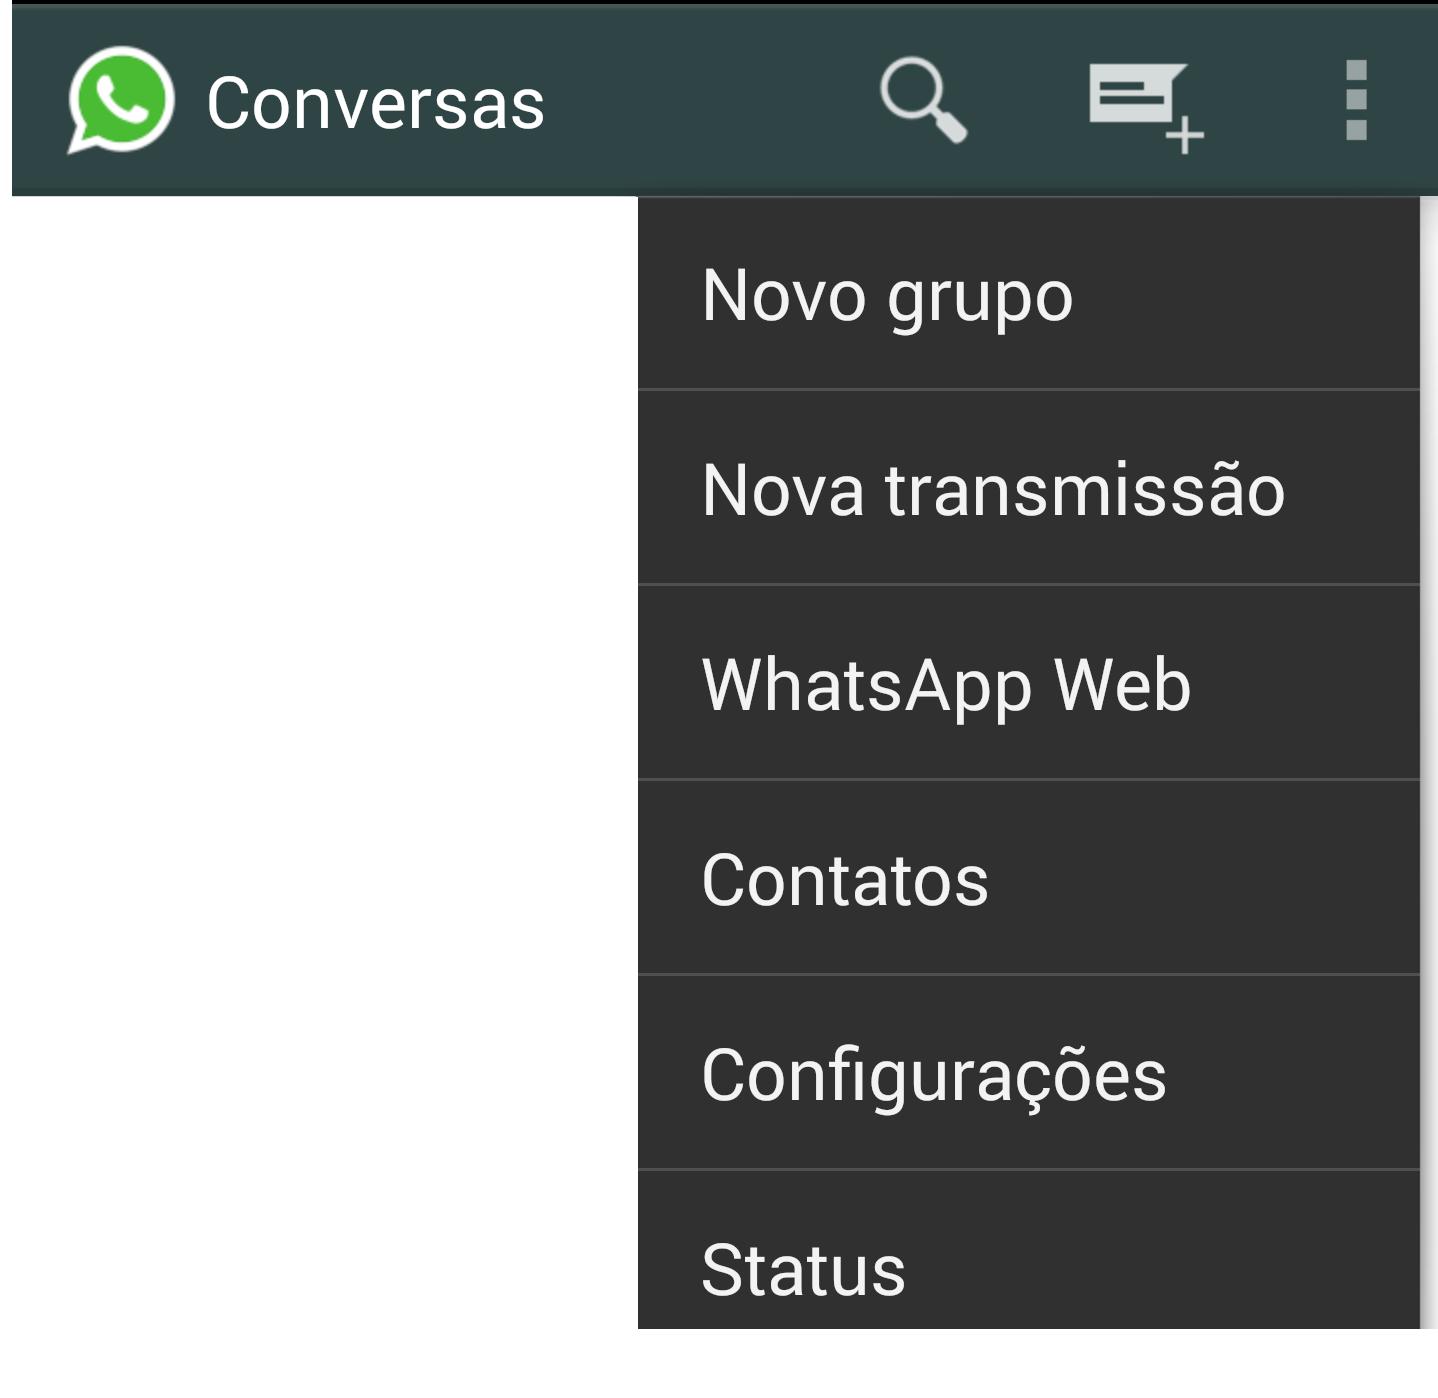 10 Truques Do Whatsapp Que Você Possivelmente Ainda Não Conhece